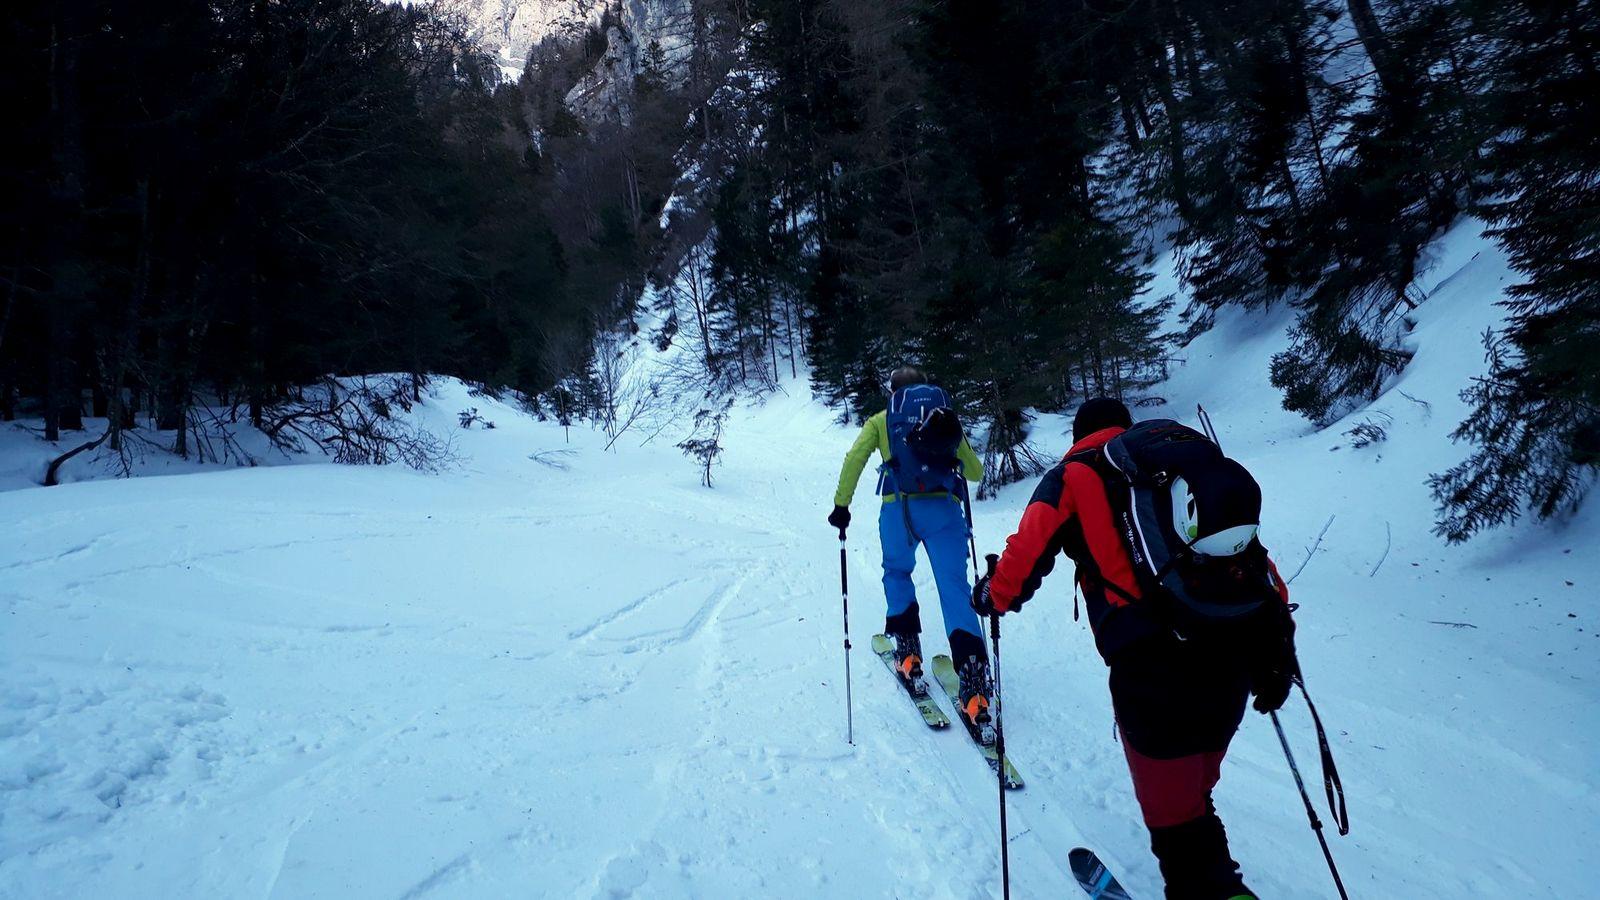 01 Skialp Schneealpe